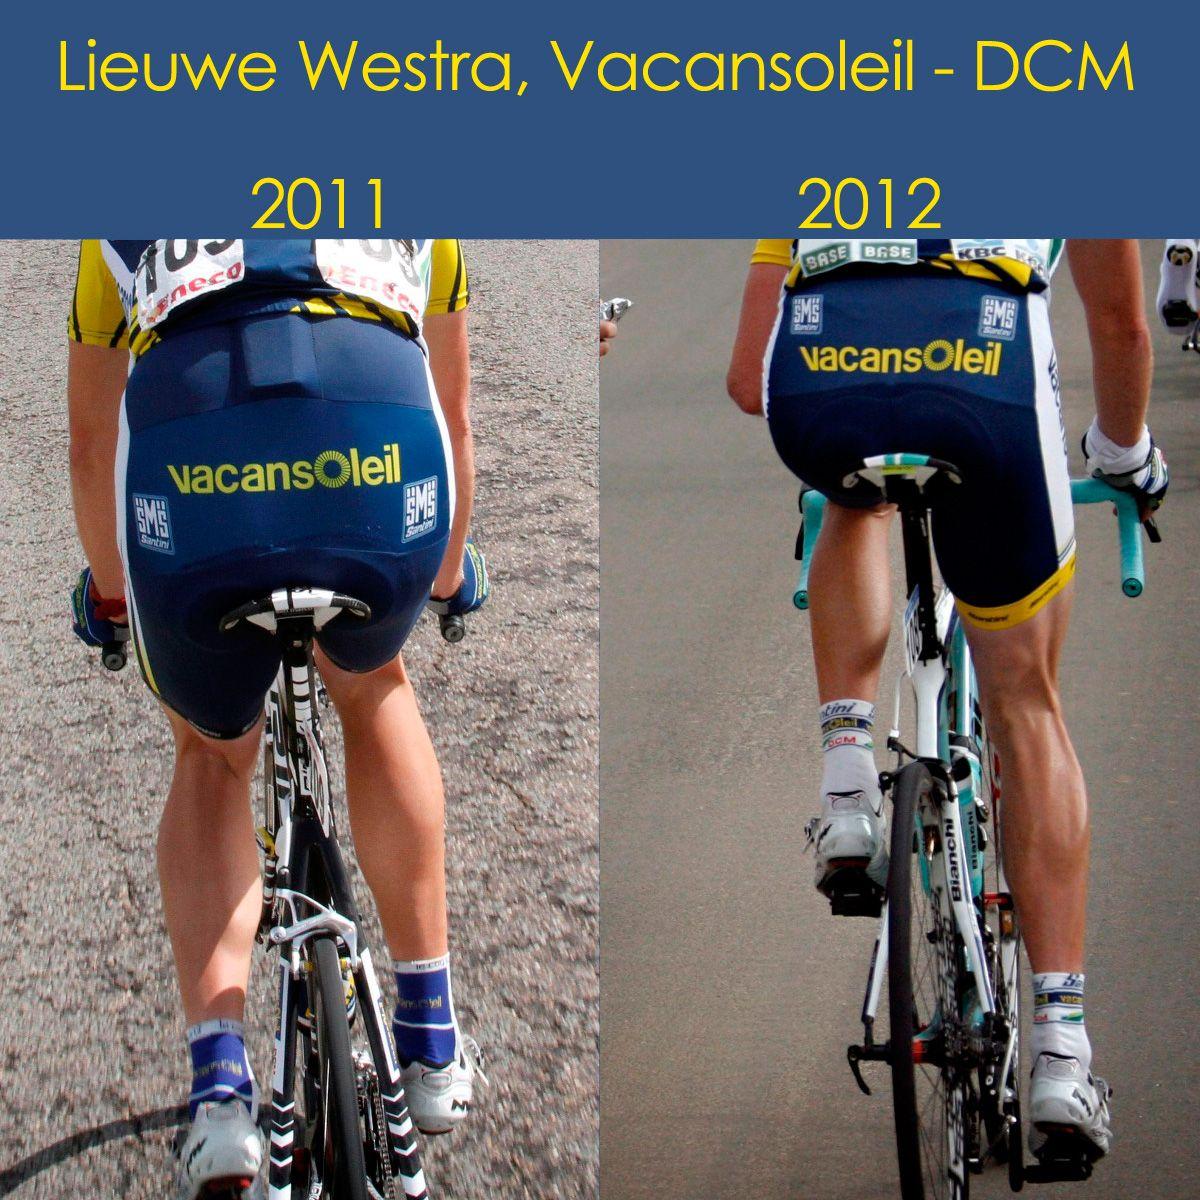 Lieuwe Westra, Vacansoleil DCM. Pro-cycling    Ook bij een profwielrenner kan voeding en persoonlijke training nog een groot verschil maken. Lieuwe Westra viel 4 kilo af en won gisteren van alle grote namen in de wielerronde Parijs-Nice. Op de foto het verschil van zijn kuiten in 2011 en 2012.